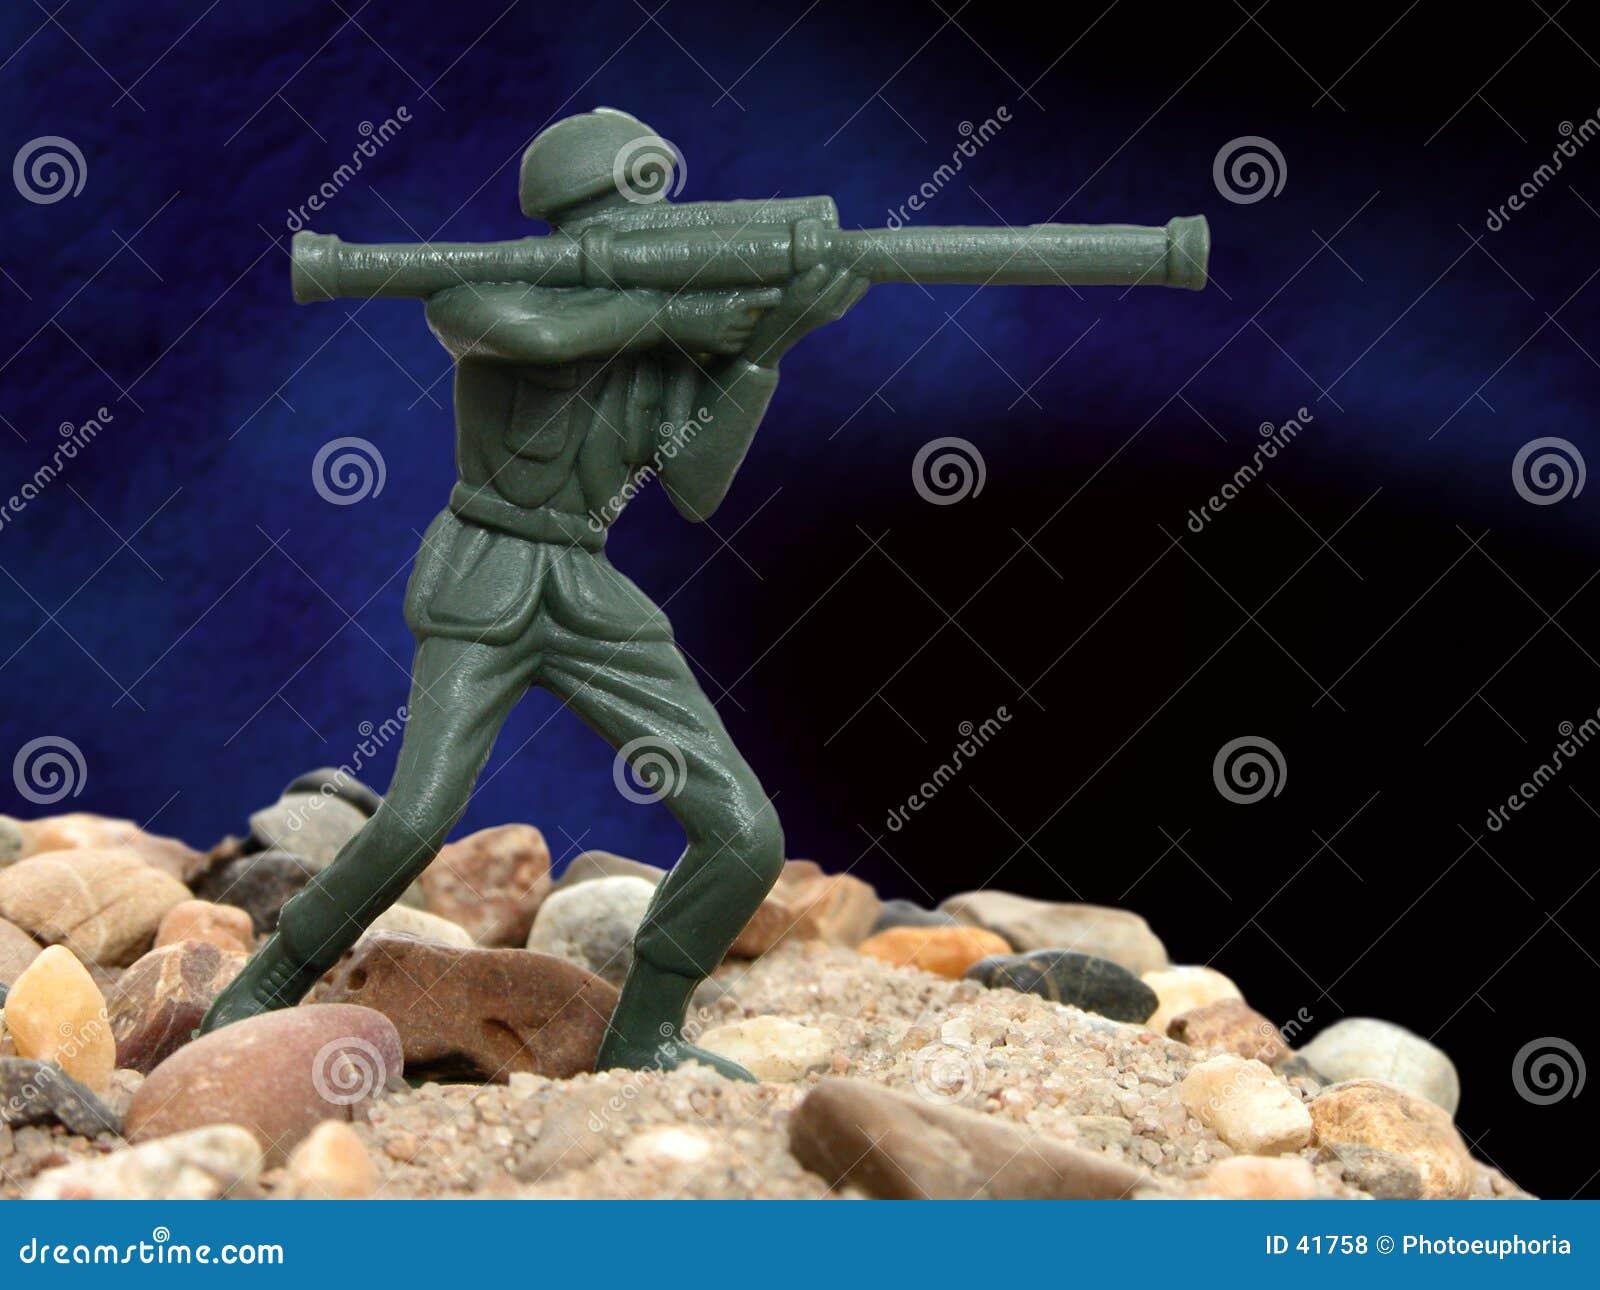 Zielony człowiek armia zabawka